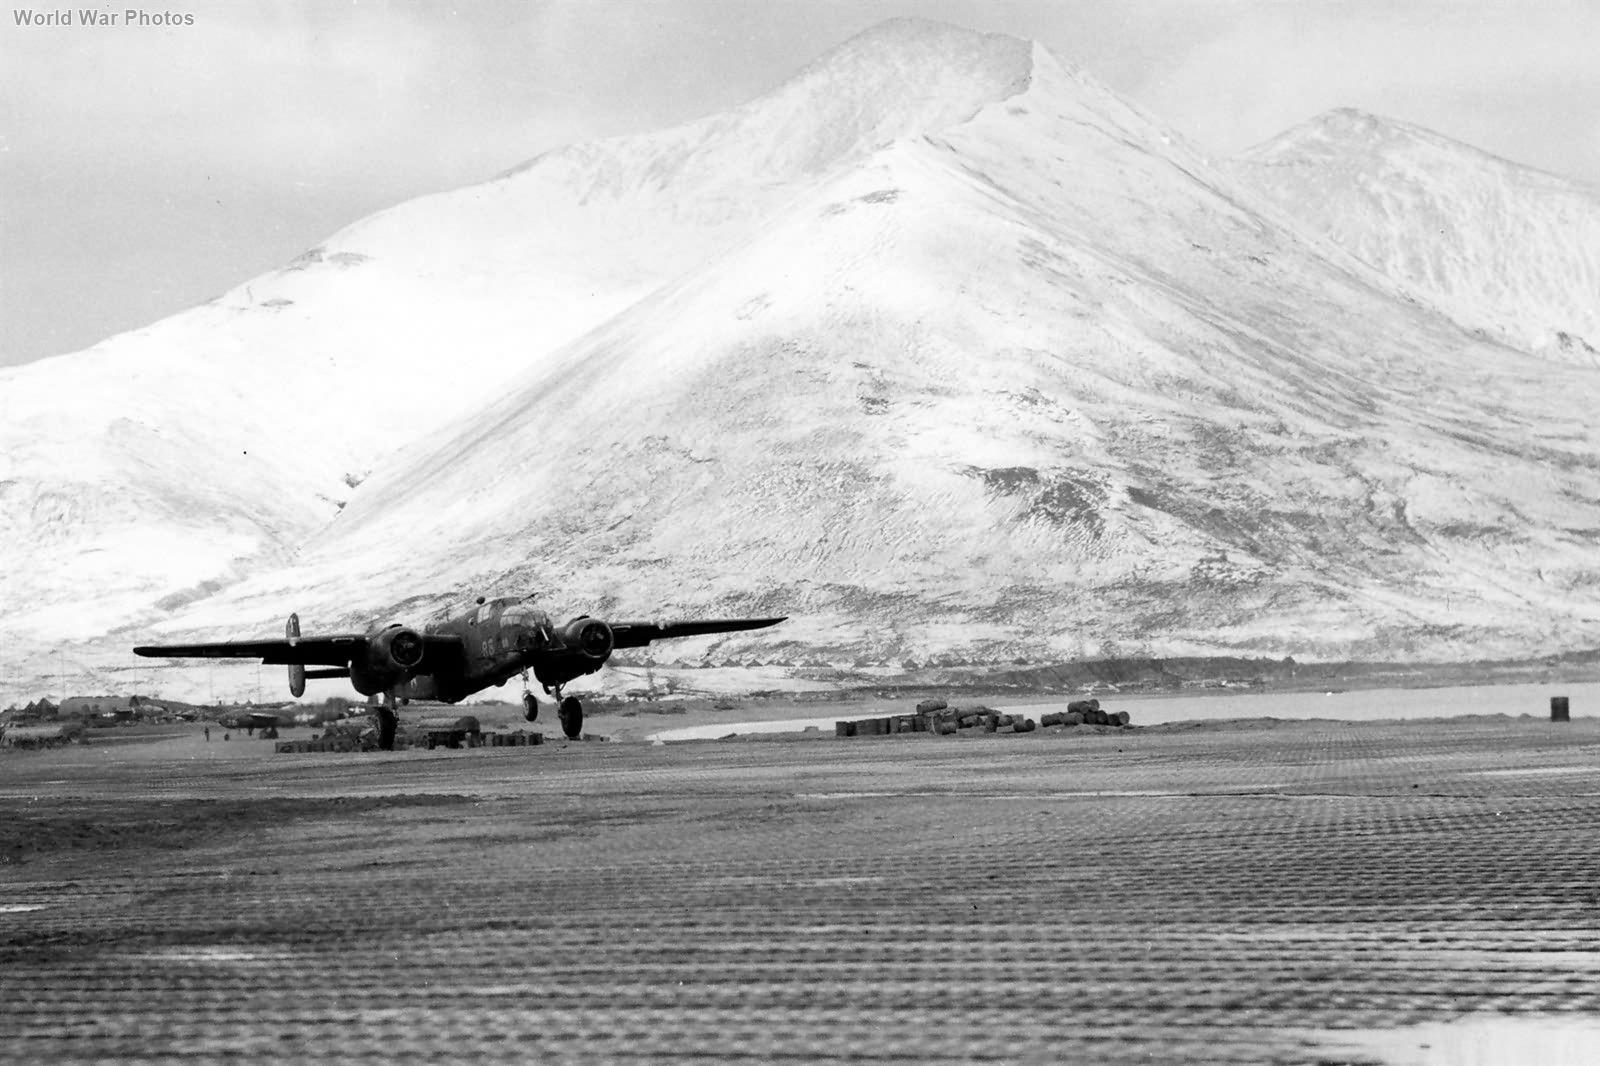 28th Bomb Squadron B-25 takeoff at Alexai Point Attu 1943